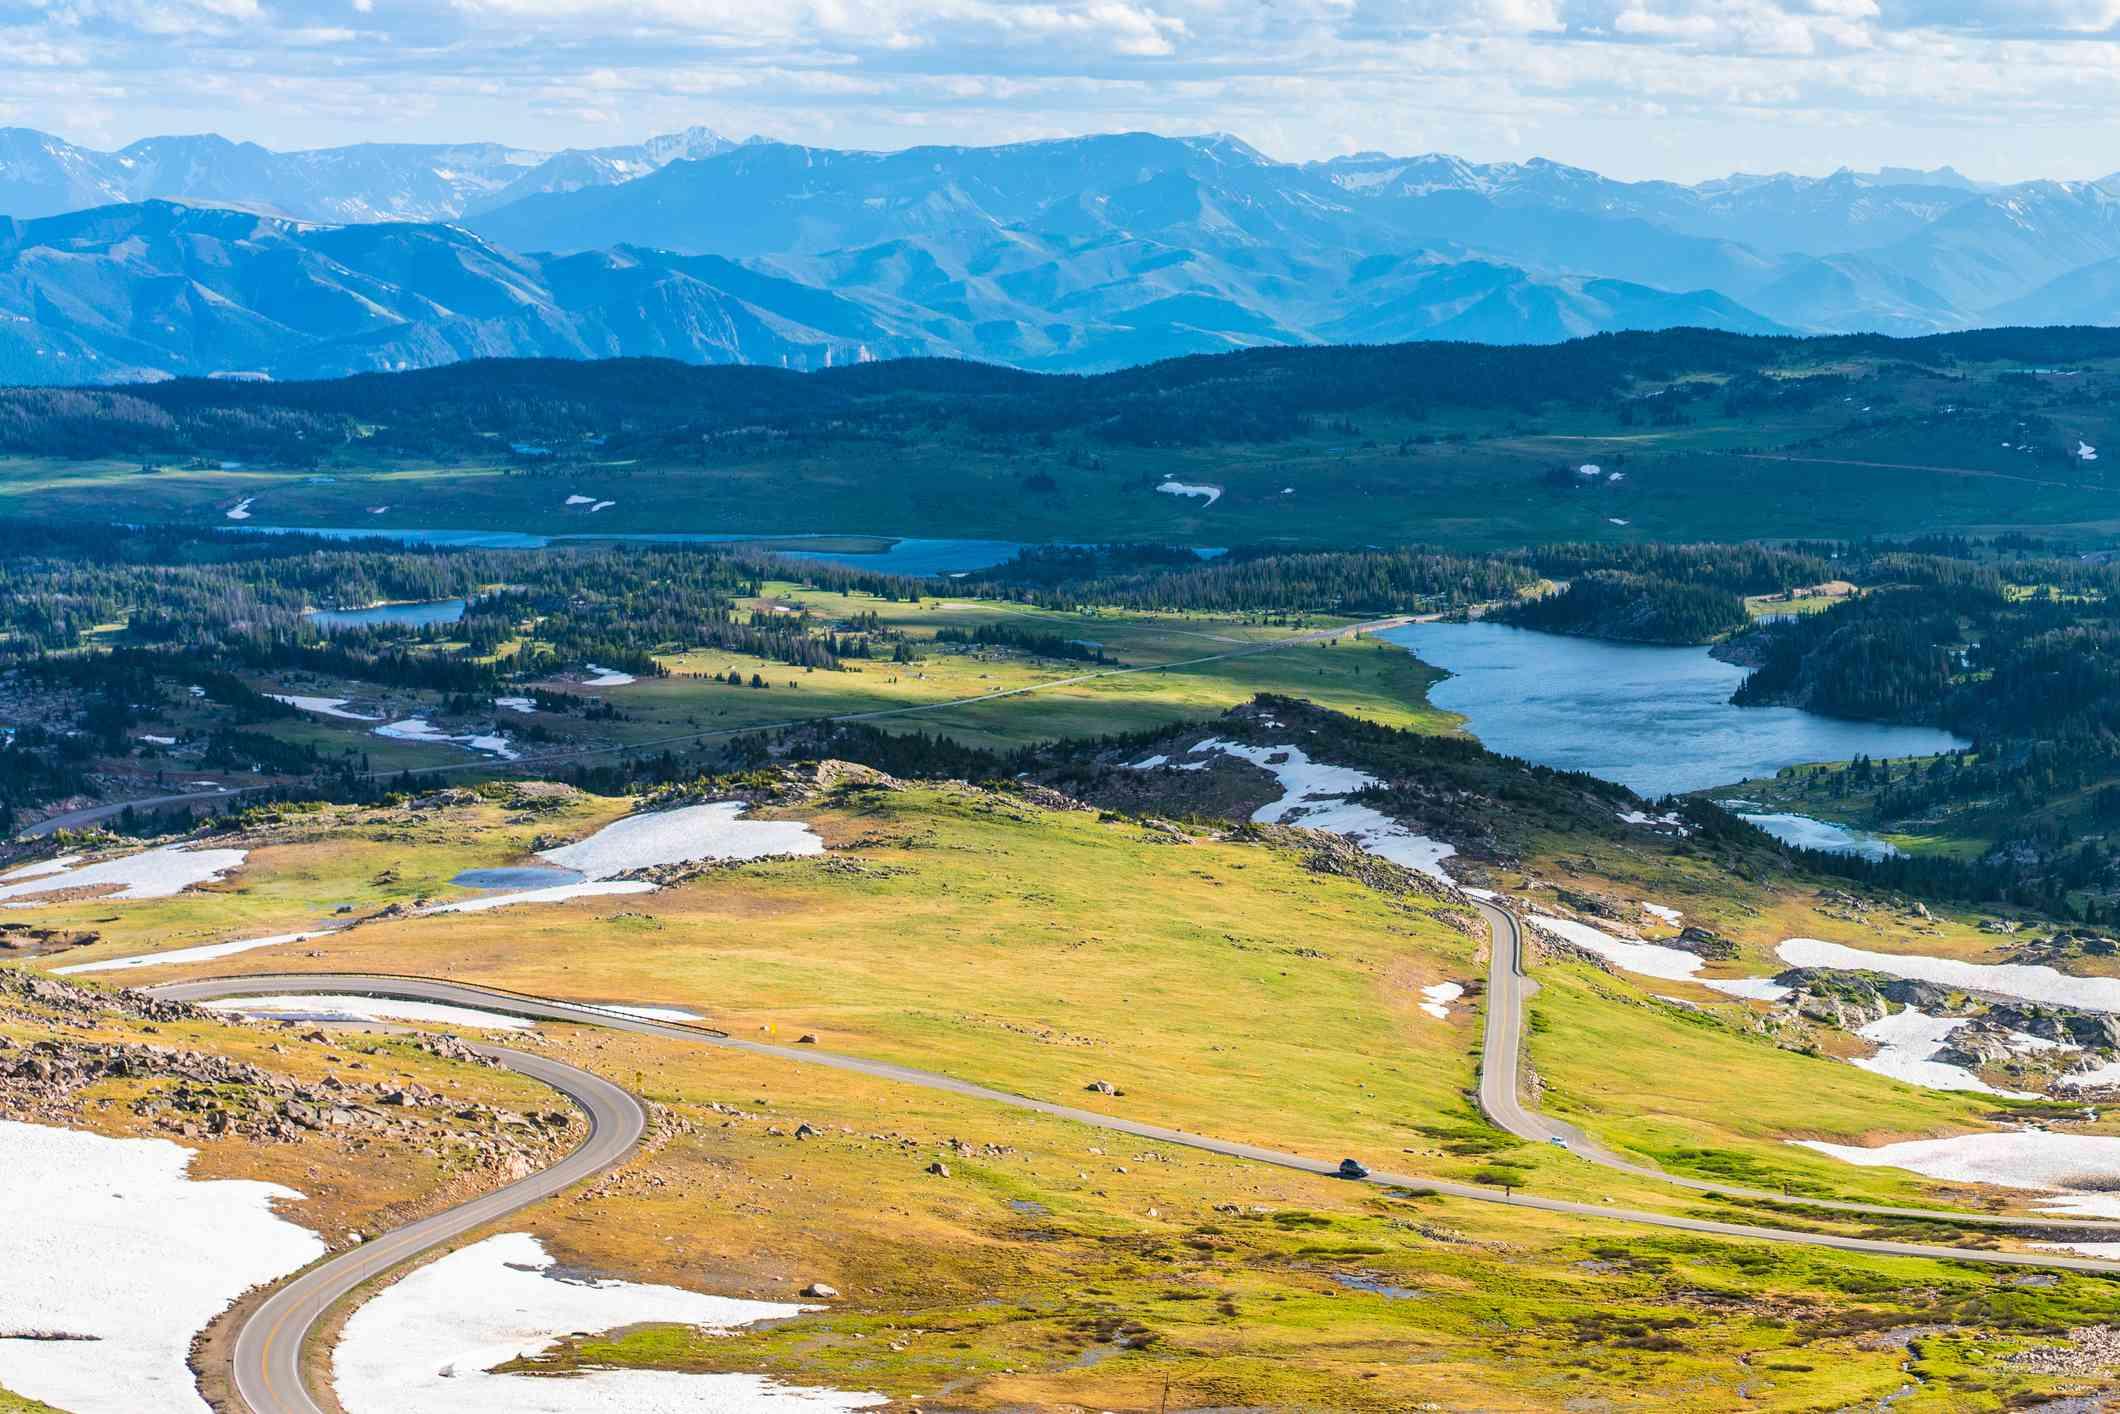 Beartooth Highway cutting through summer fields toward mountains